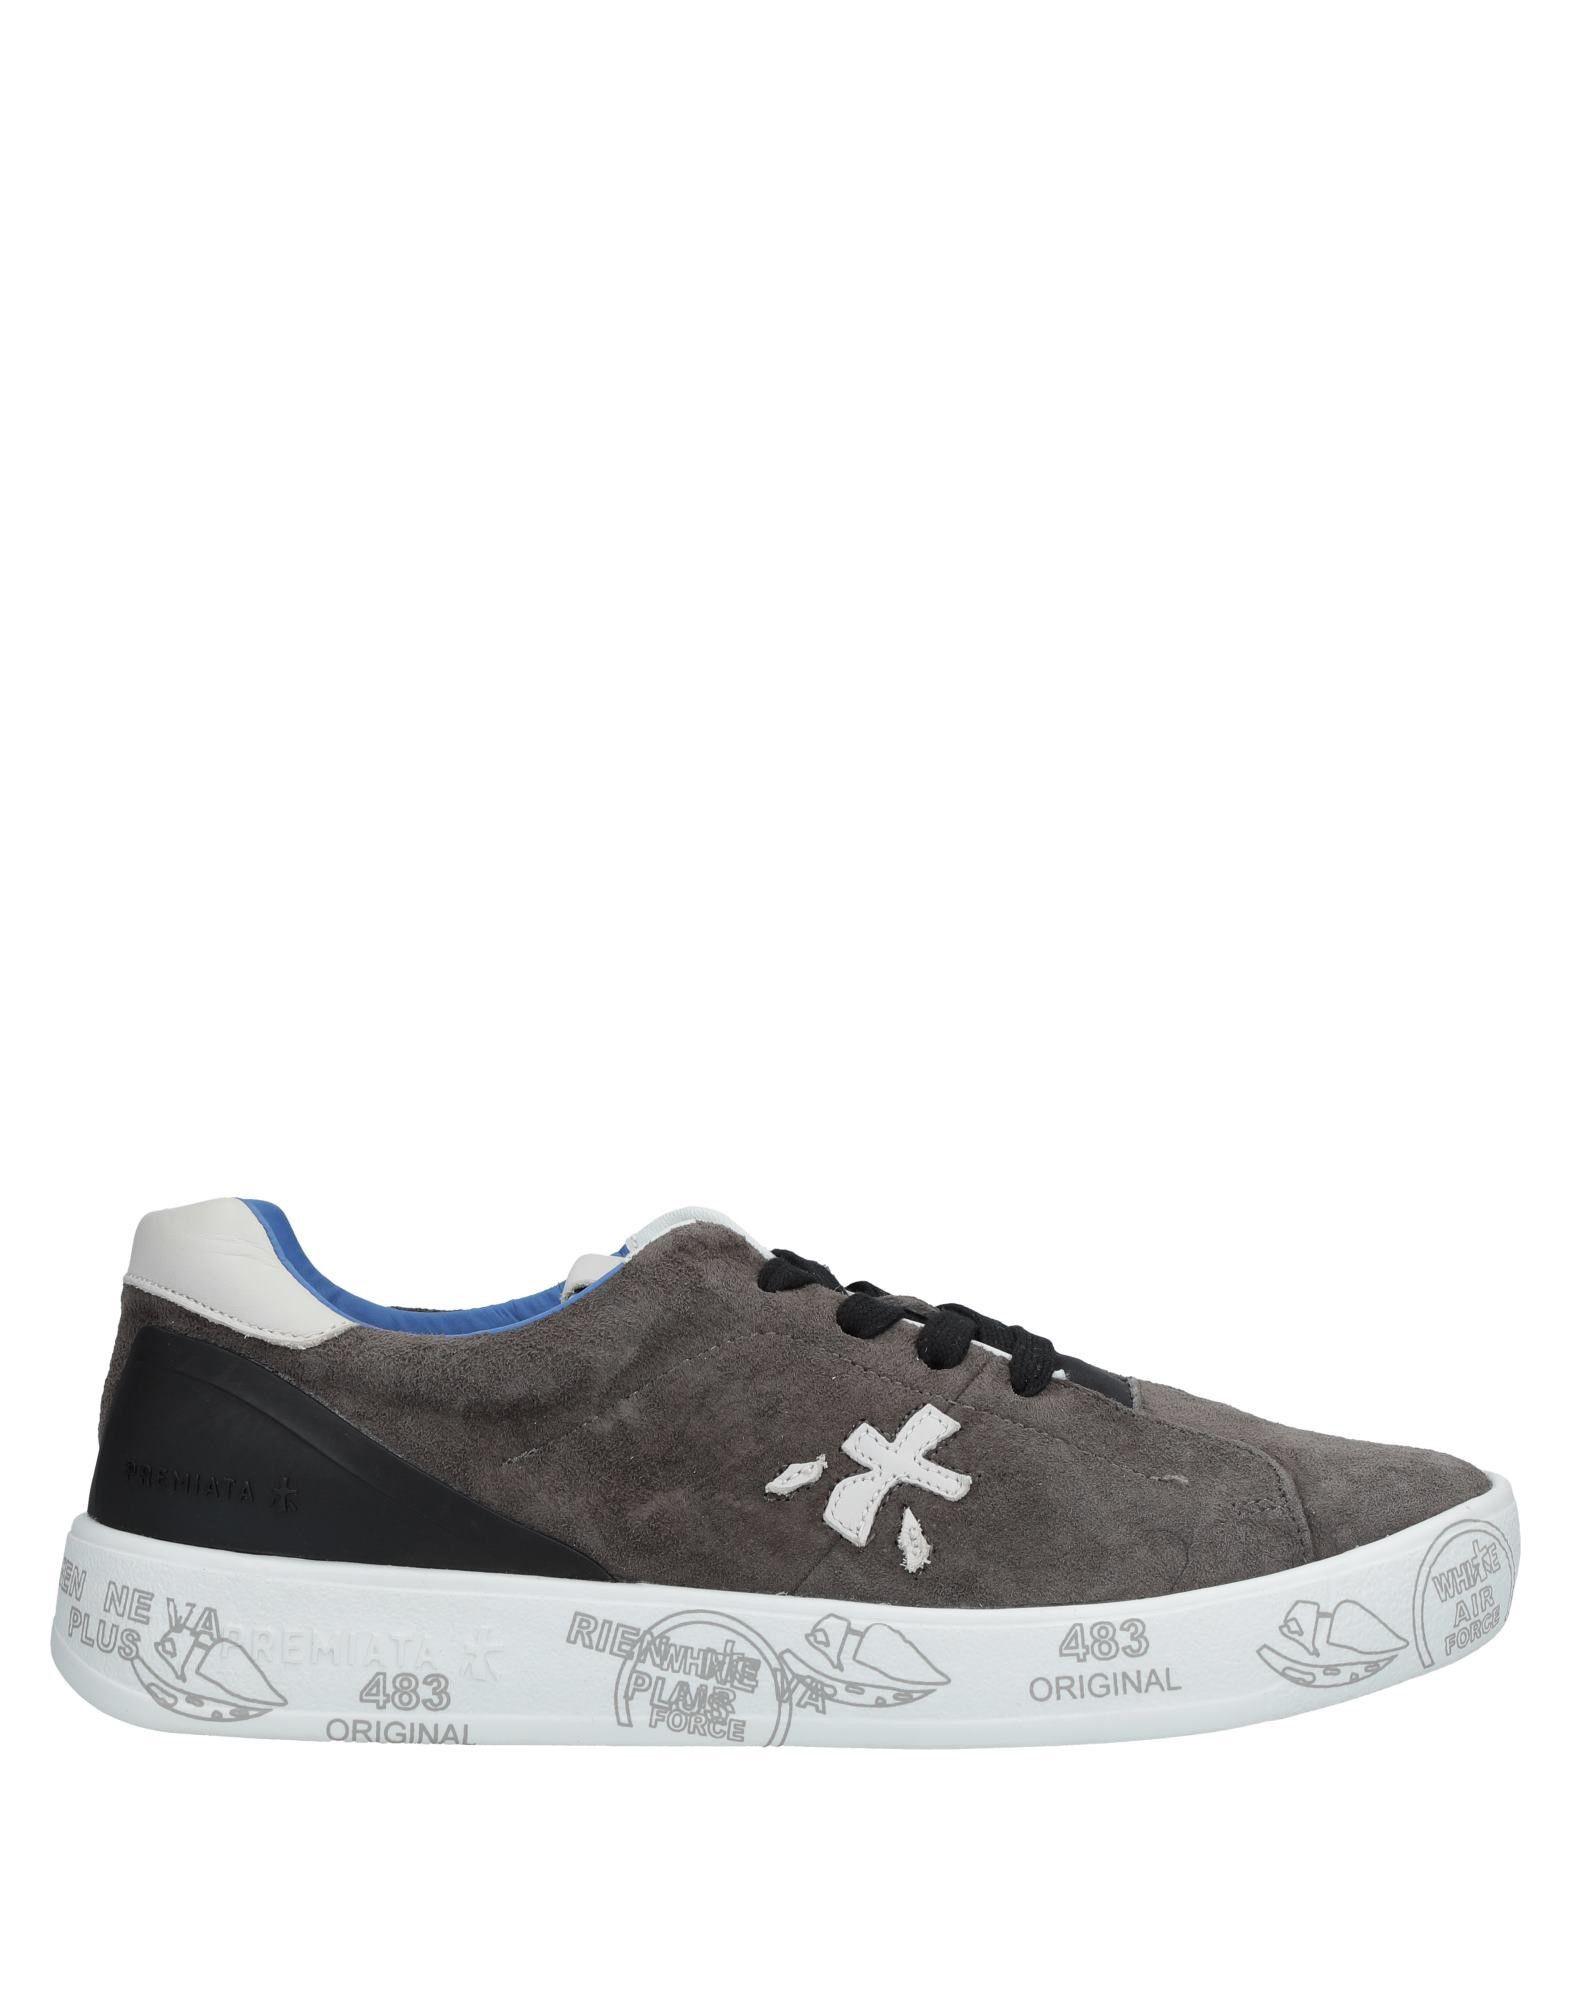 Sneakers Premiata Uomo - 11530892WQ Scarpe economiche e buone